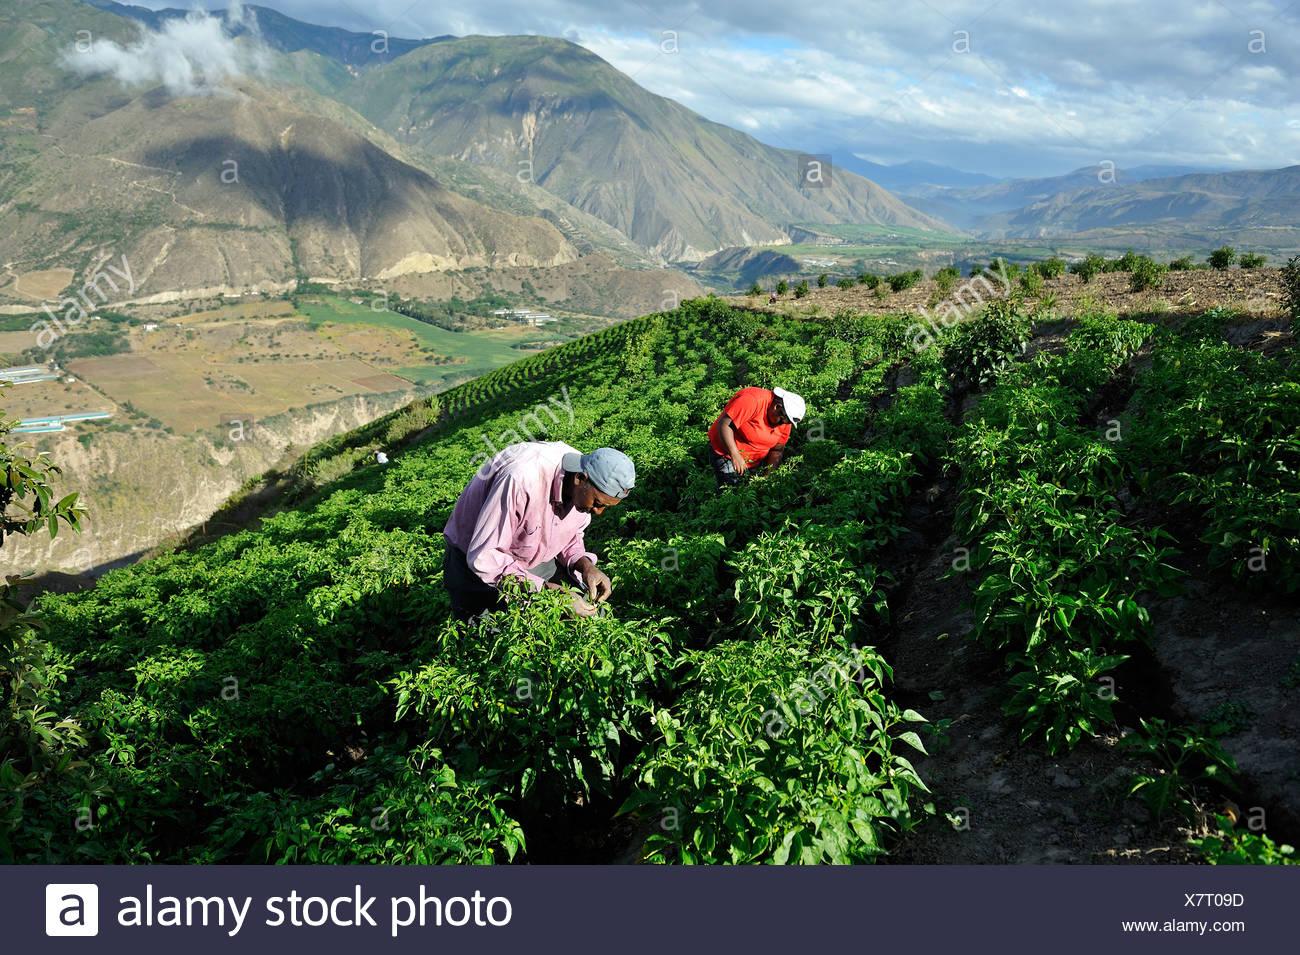 Bauern arbeiten auf einer bewässerten wachsende Paprika (Capsicum Annuum) in das Hochland der Anden, afrikanische-ecuadorianische Gemeinde der Stockbild